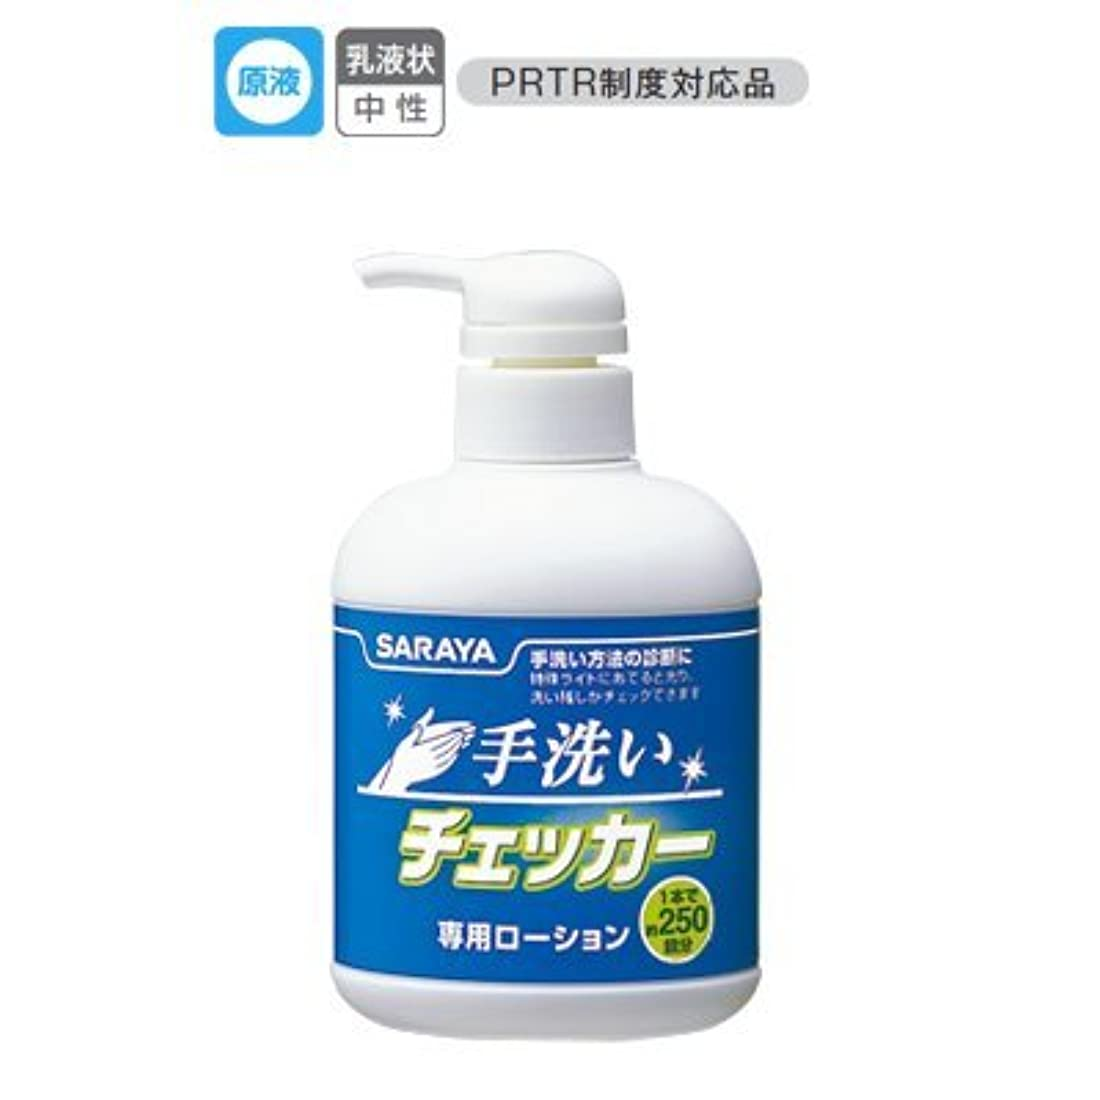 マリナー癌若いサラヤ 手洗いチェッカー 専用ローション 250mL【清潔キレイ館】